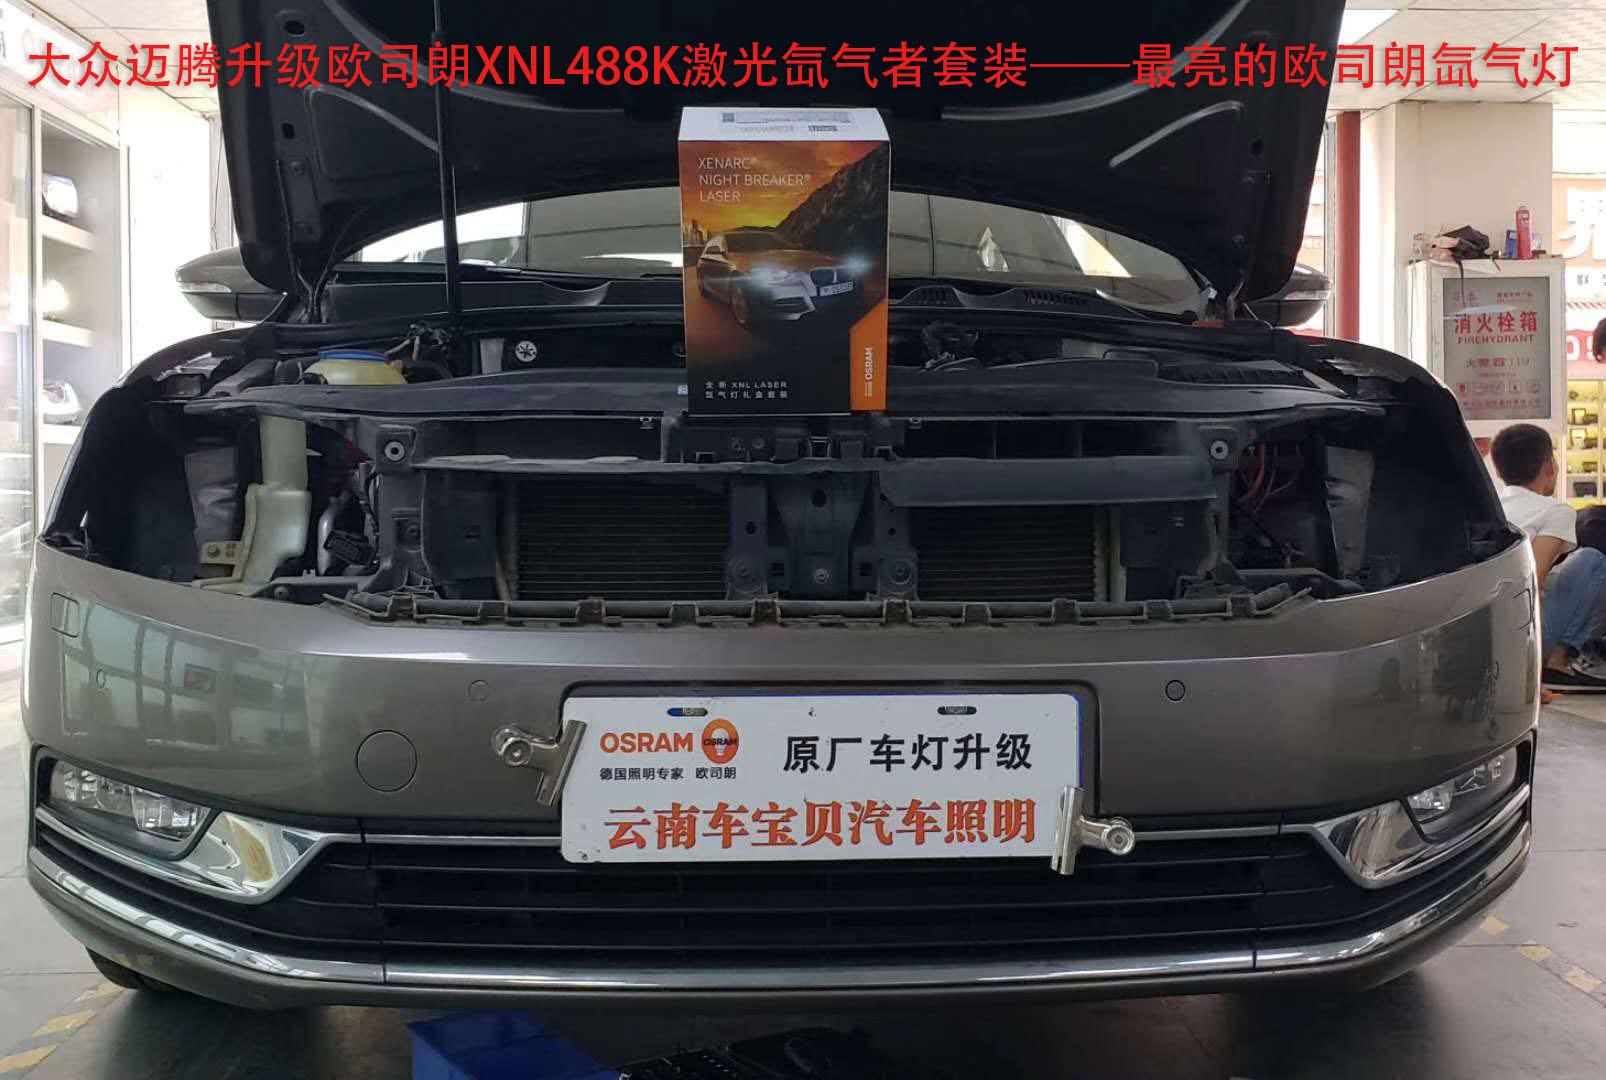 大众迈腾原车卤素大灯升级欧司朗XNL488K激光氙气者——最亮的欧司朗氙气